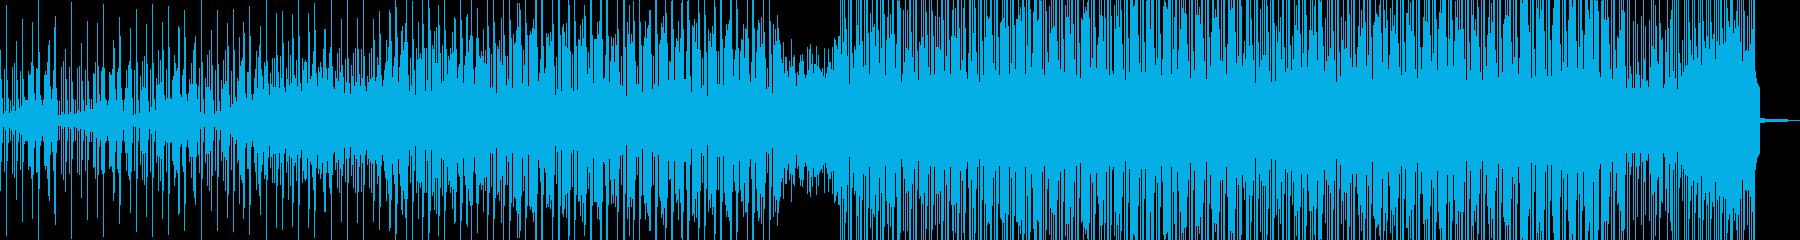 親近感が沸く動画演出 ウクレレポップ Aの再生済みの波形